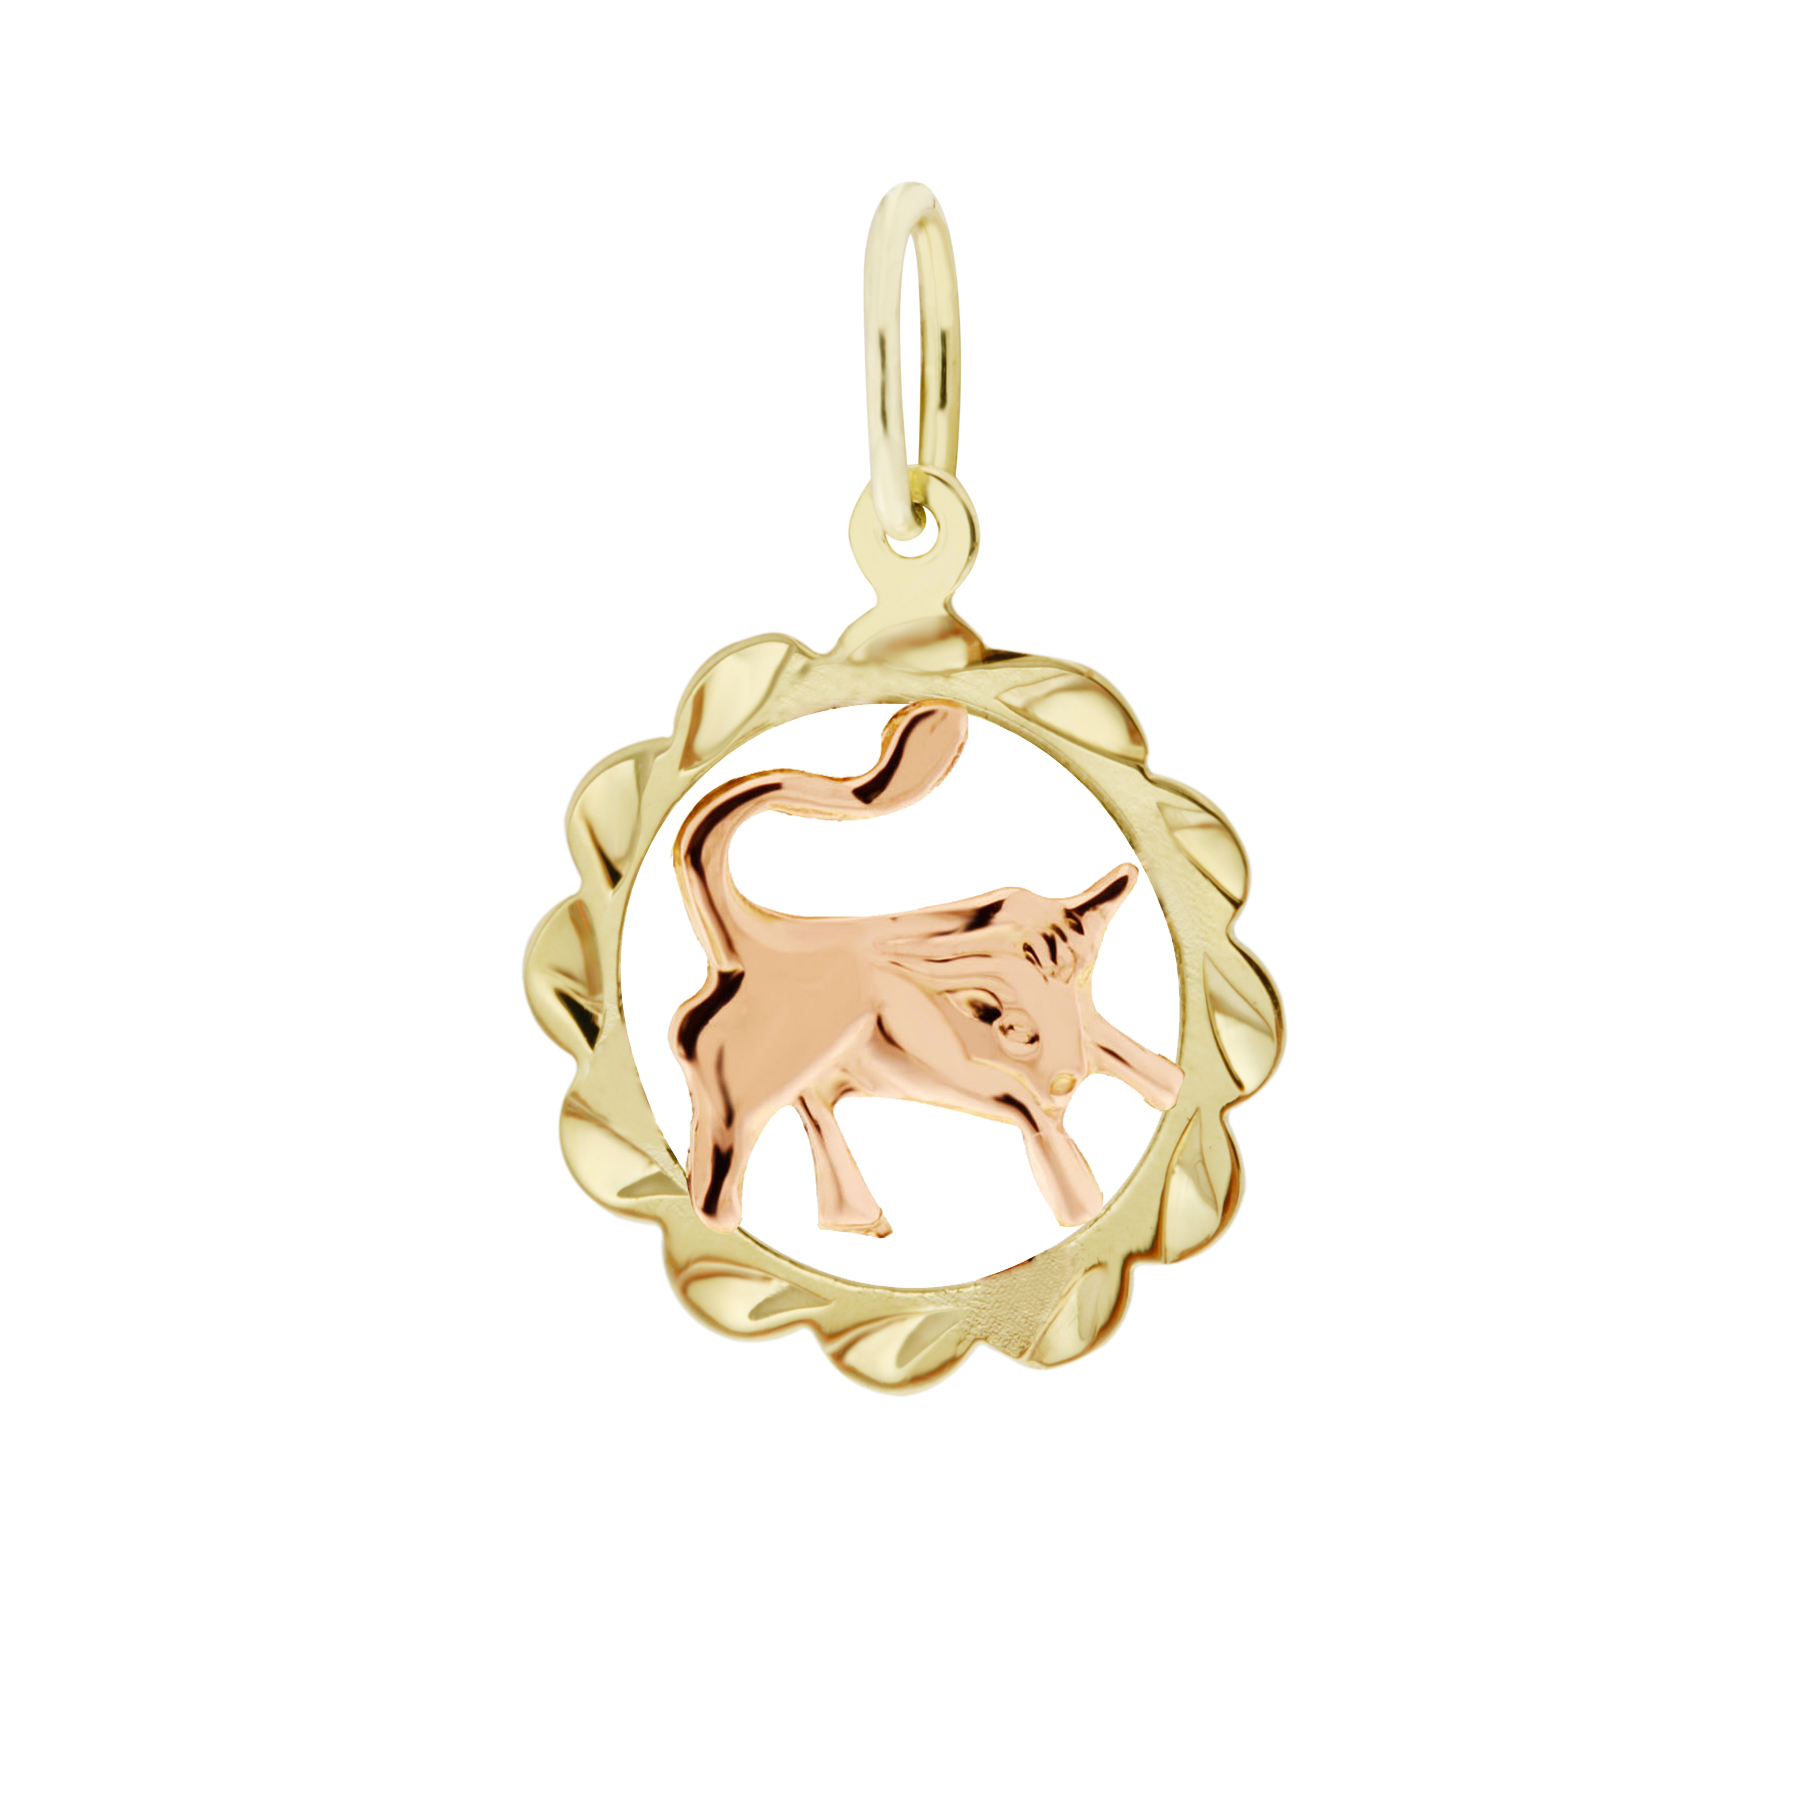 Zlatý přívěsek - znamení zvěrokruhu Býk Tvar: Kytička, rytý rámeček